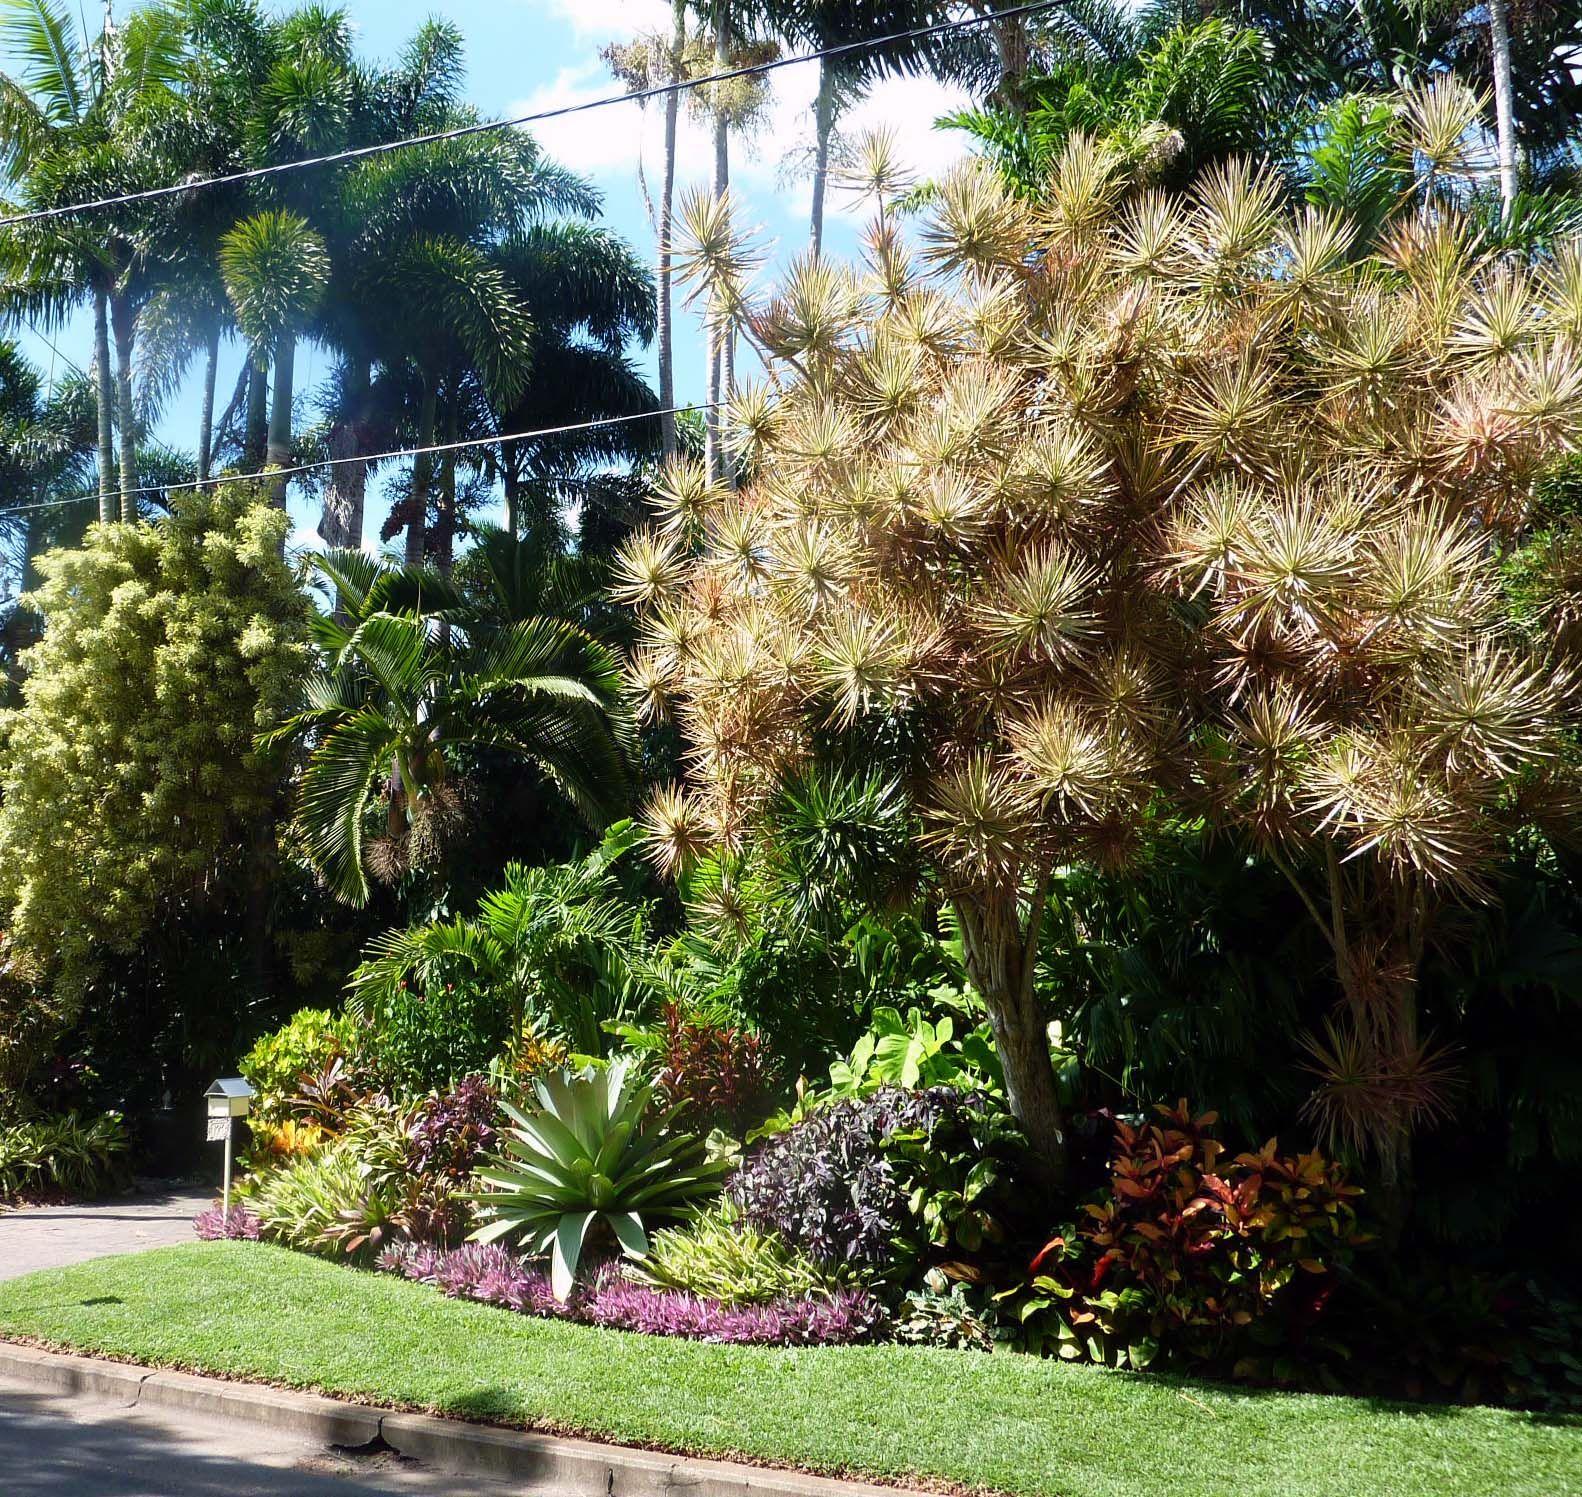 Denis Hundscheidt Tropical Garden Brisbane Australia ...